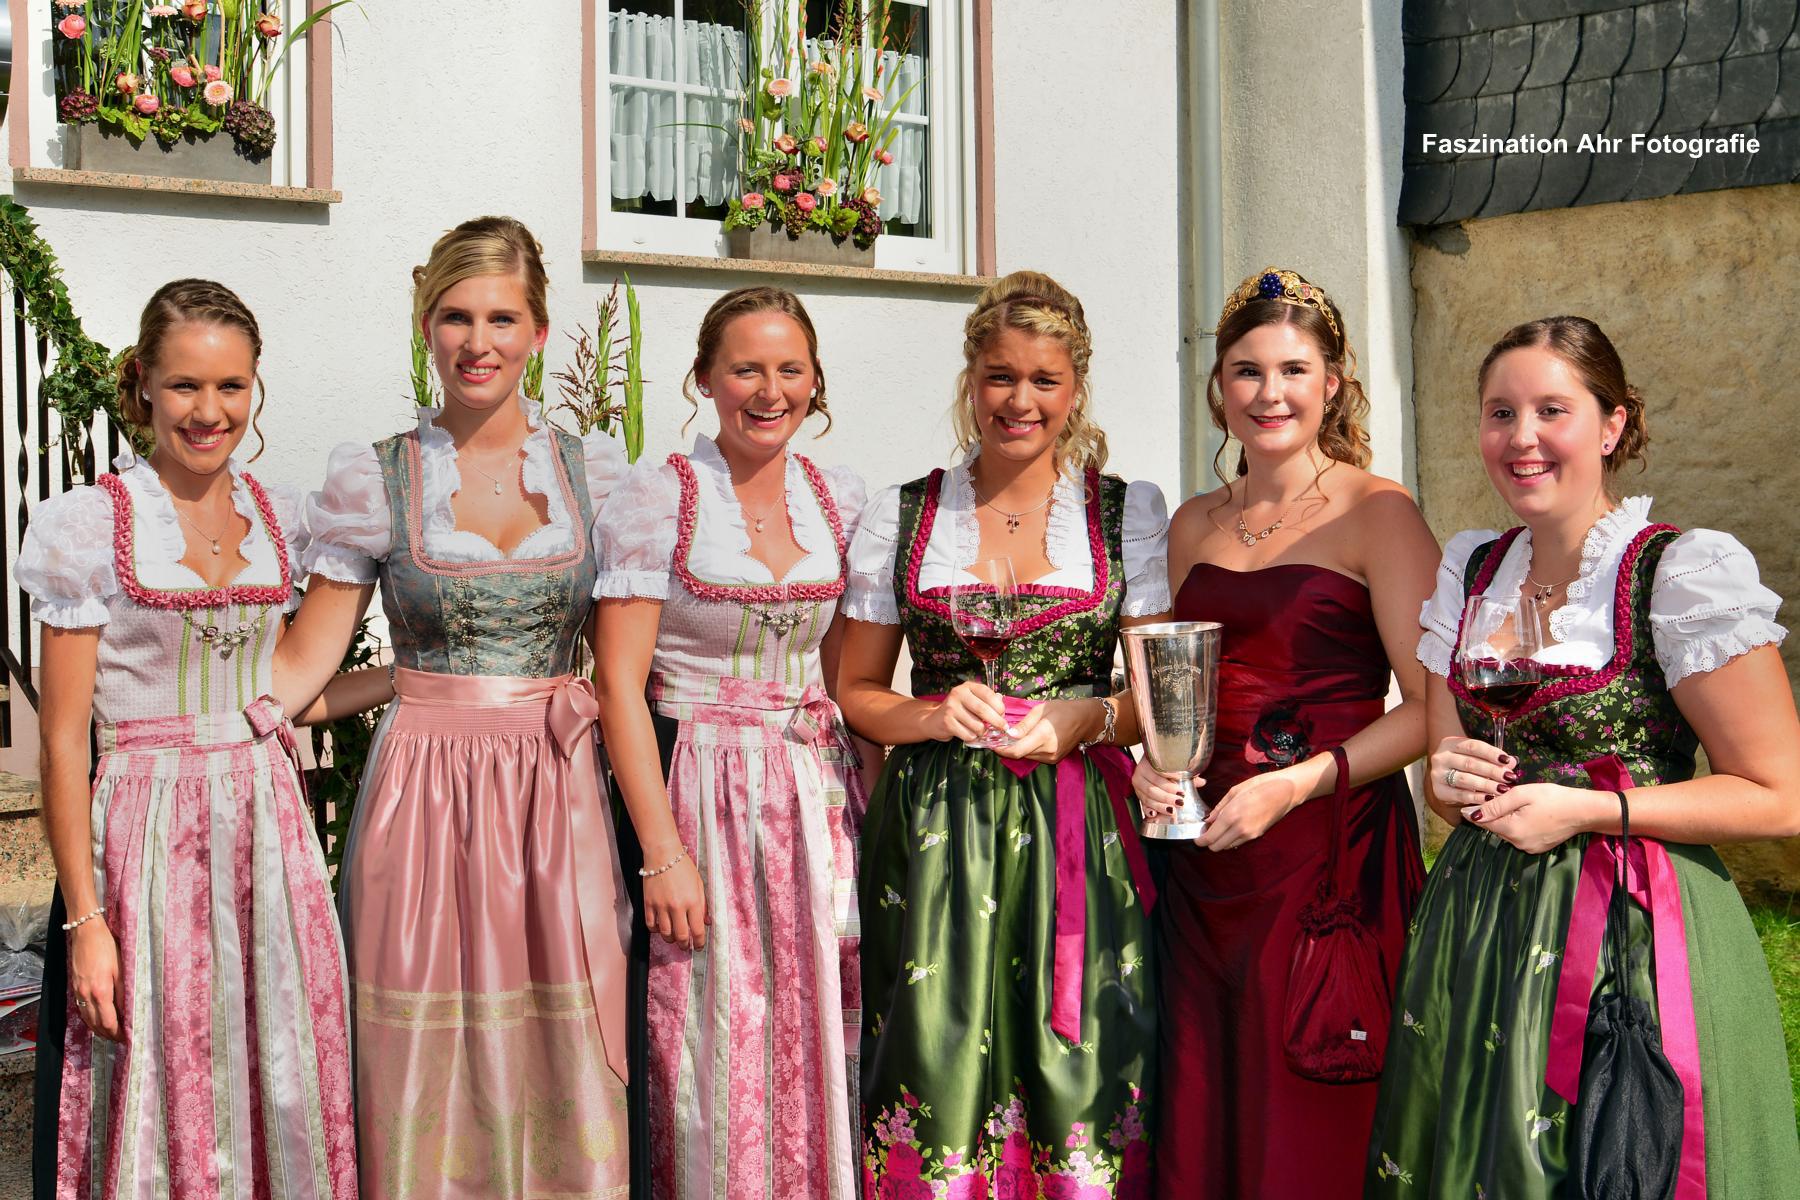 Die noch amtierende Weinkönigin Jennifer Surges mit ihren Prinzessinnen...